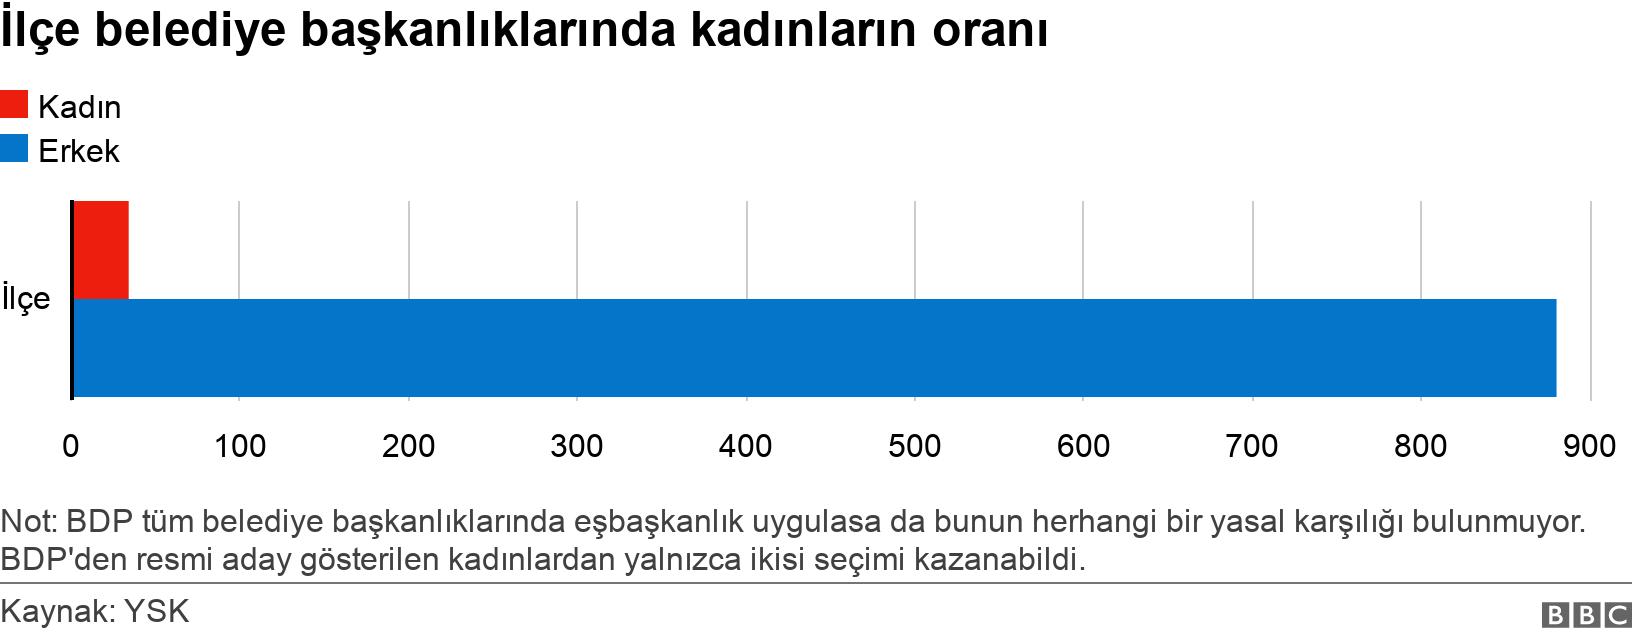 İlçe belediye başkanlıklarında kadınların oranı. .  Not: BDP tüm belediye başkanlıklarında eşbaşkanlık uygulasa da bunun herhangi bir yasal karşılığı bulunmuyor. BDP'den resmi aday gösterilen kadınlardan yalnızca ikisi seçimi kazanabildi..